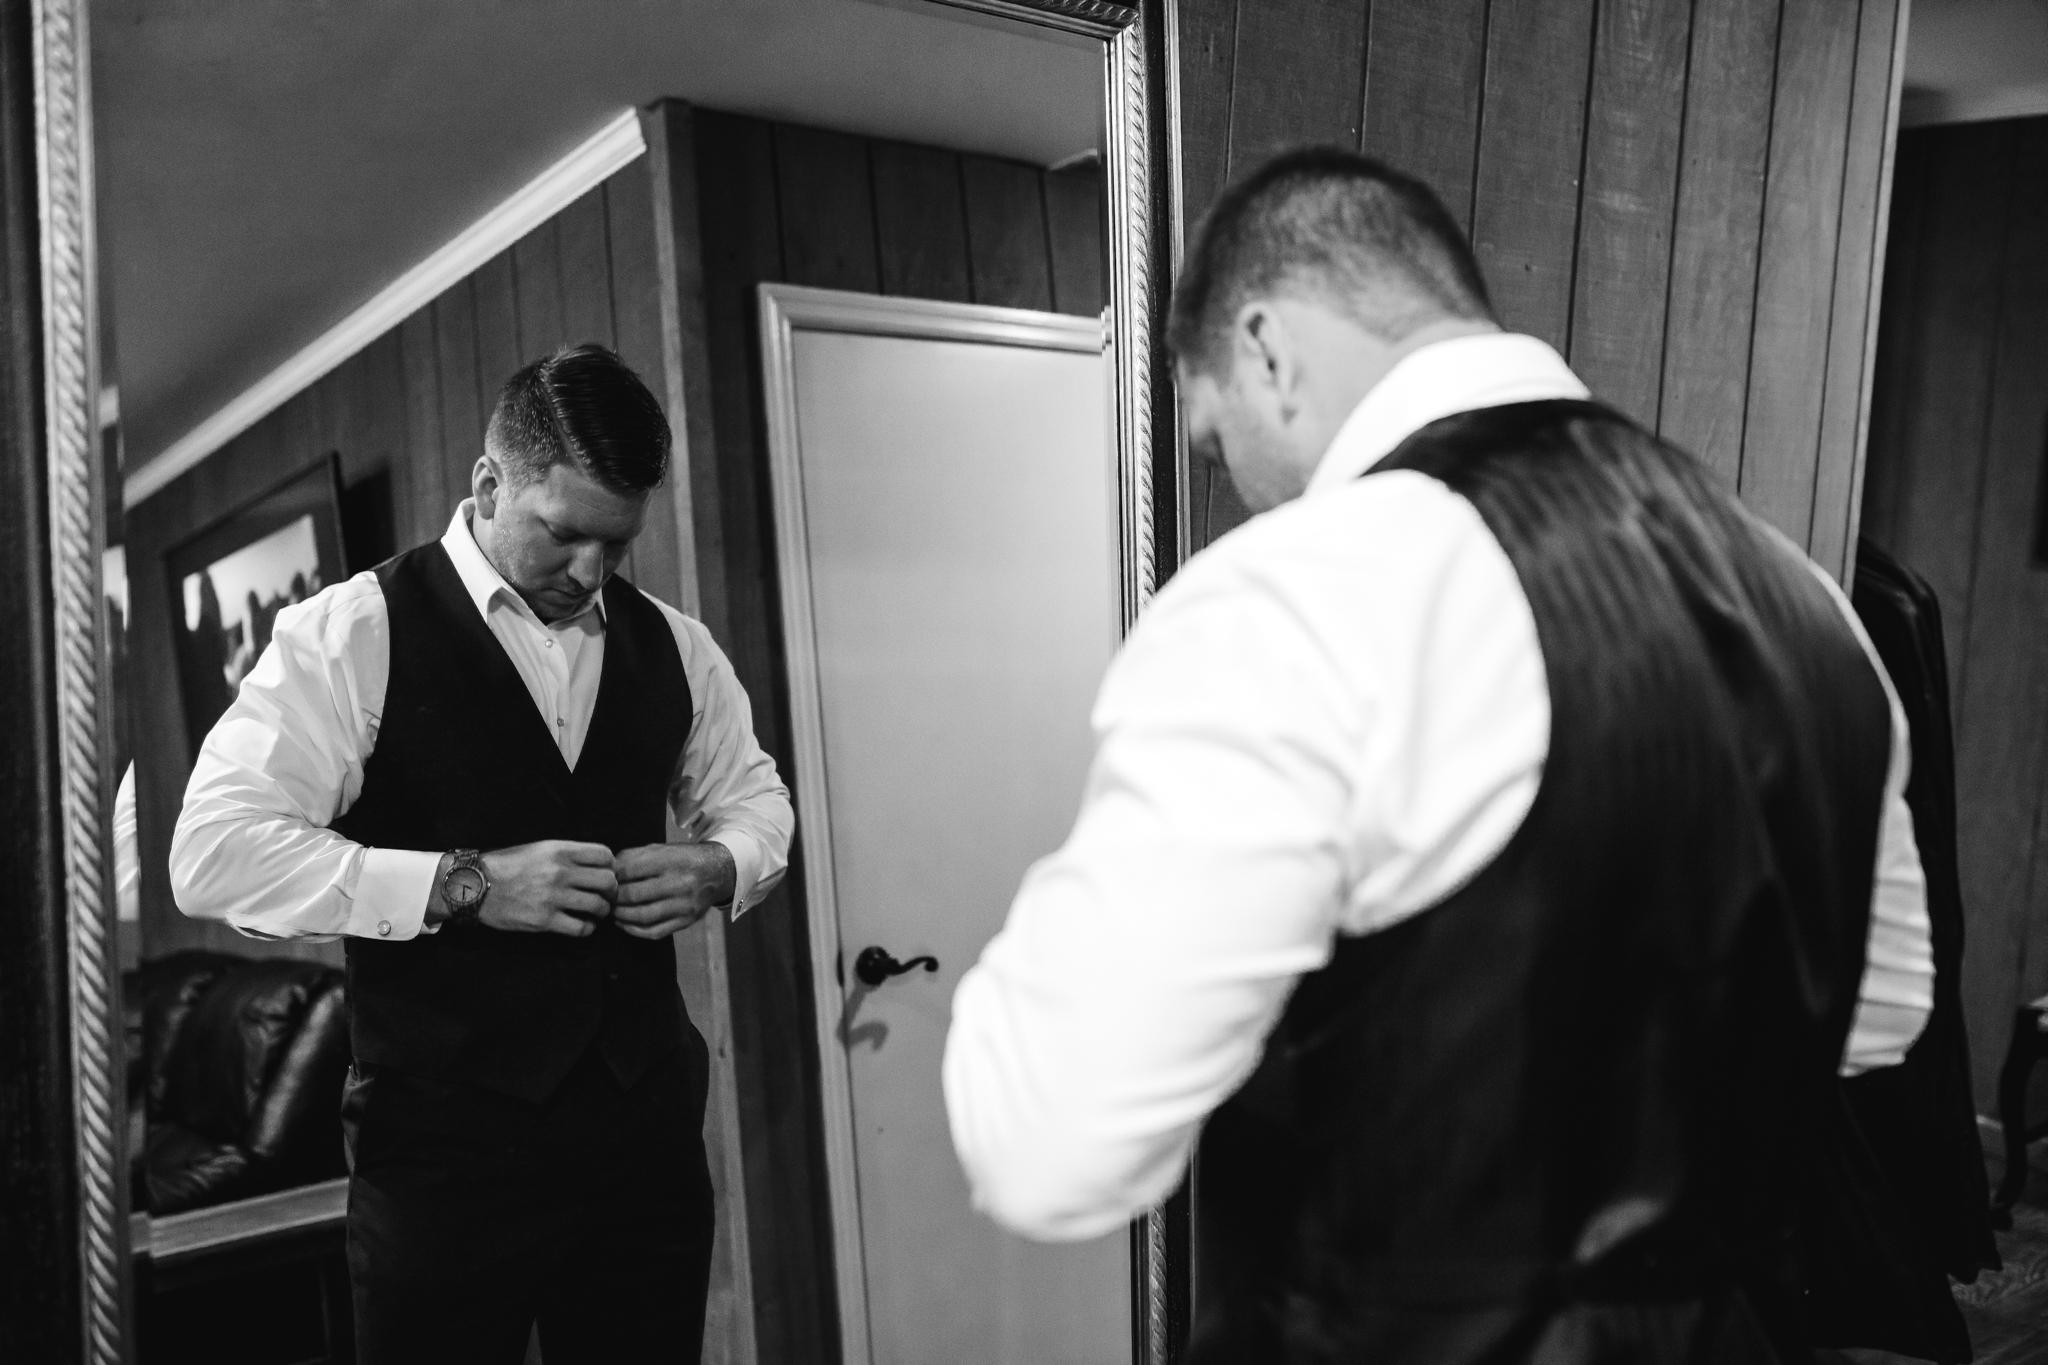 saddlewoodsfarms-nashville-wedding-photographer-thewarmtharoundyou-rustic-wedding (166 of 251).jpg